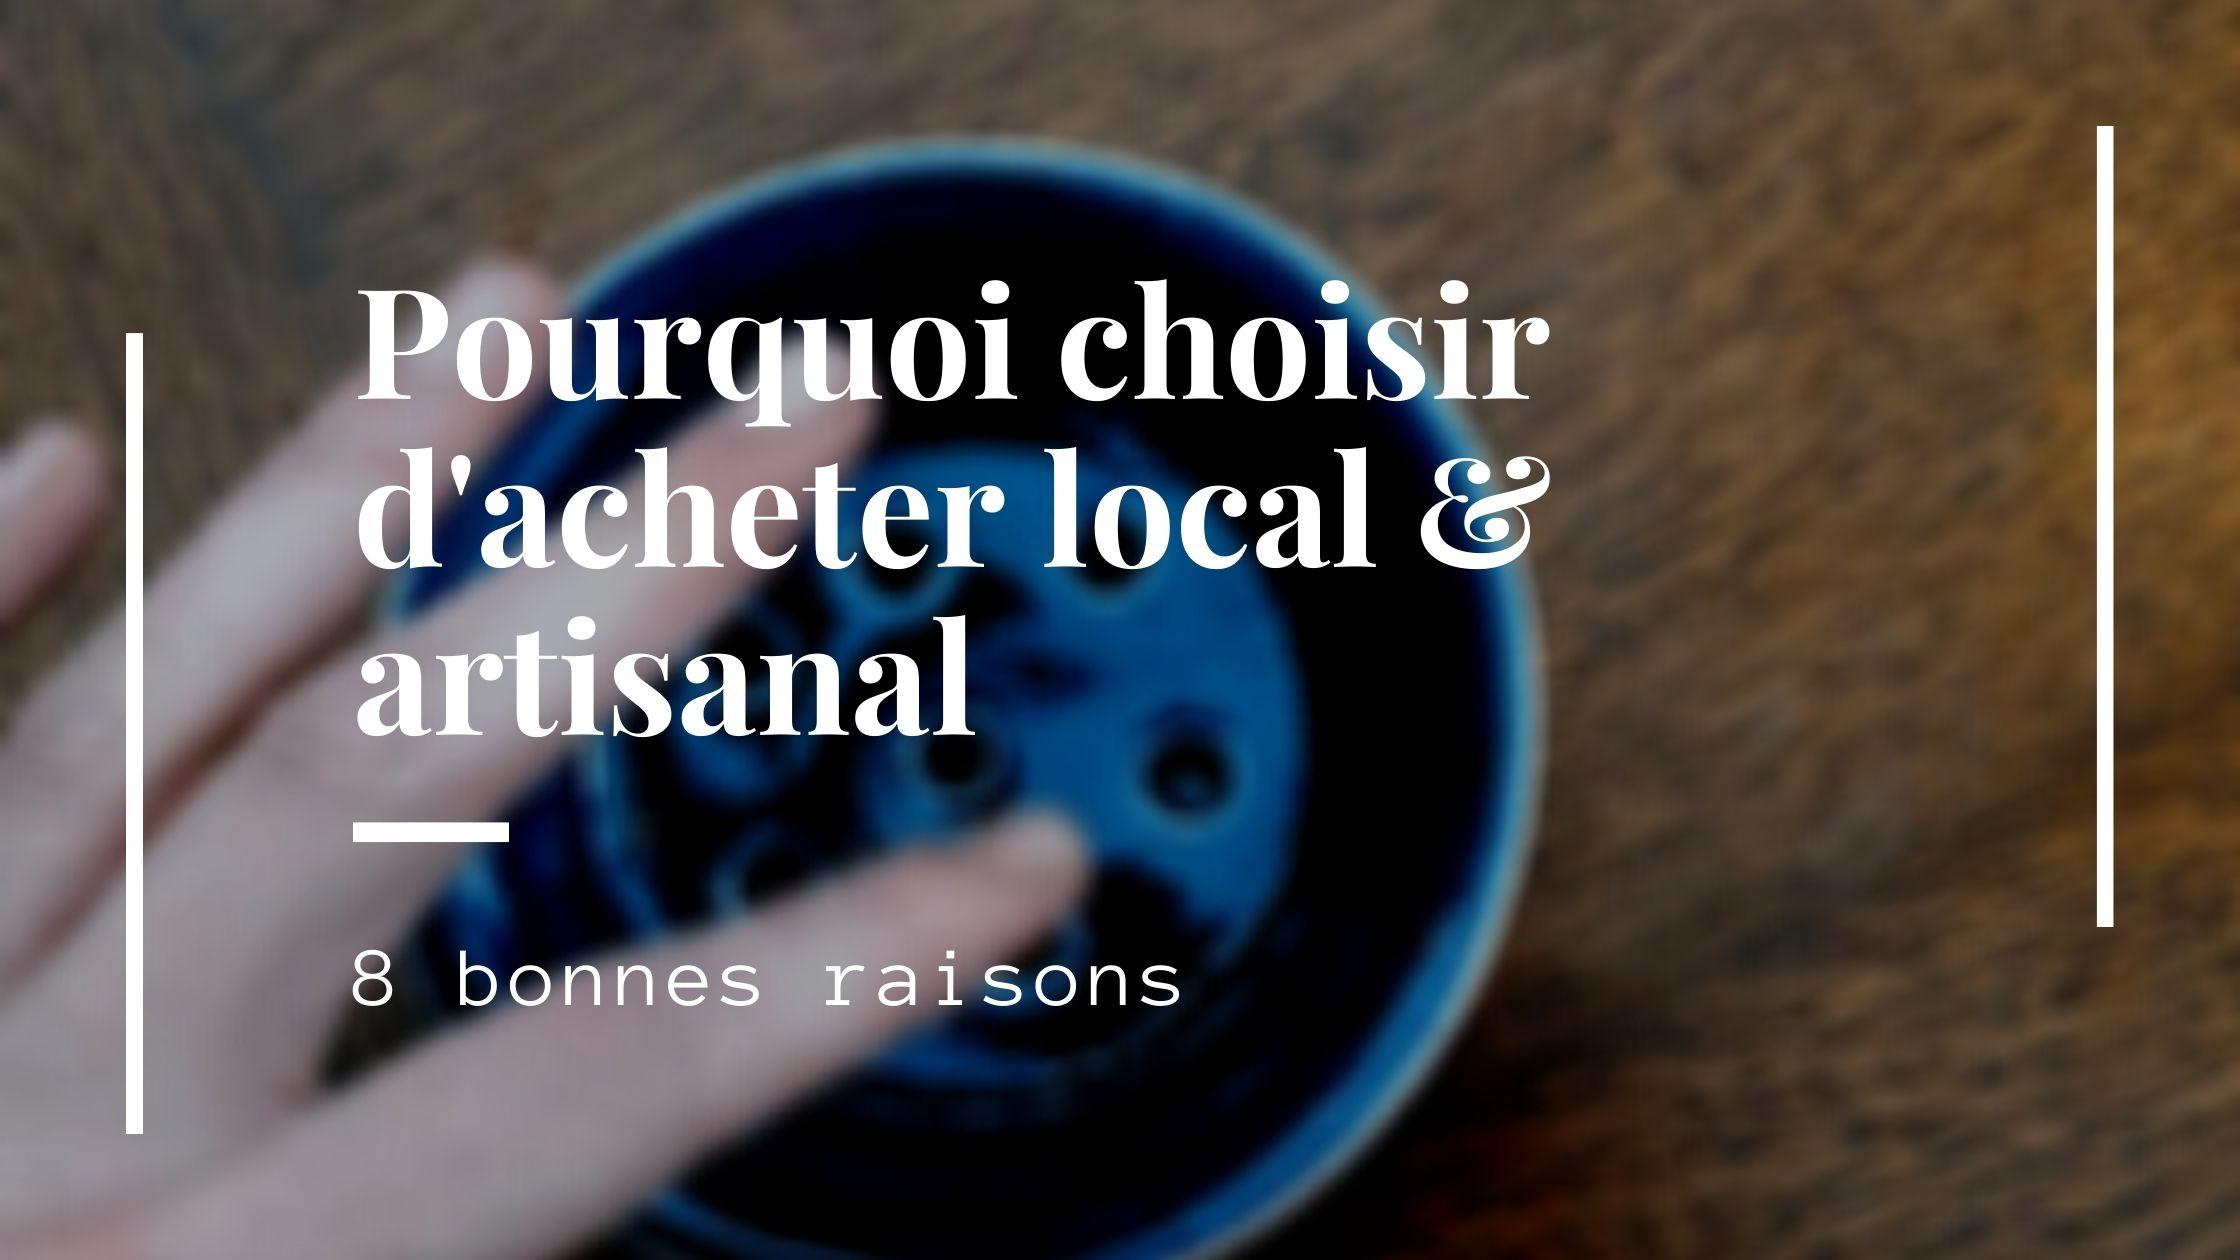 Pourquoi choisir l'artisanat local ? 8 bonnes raisons